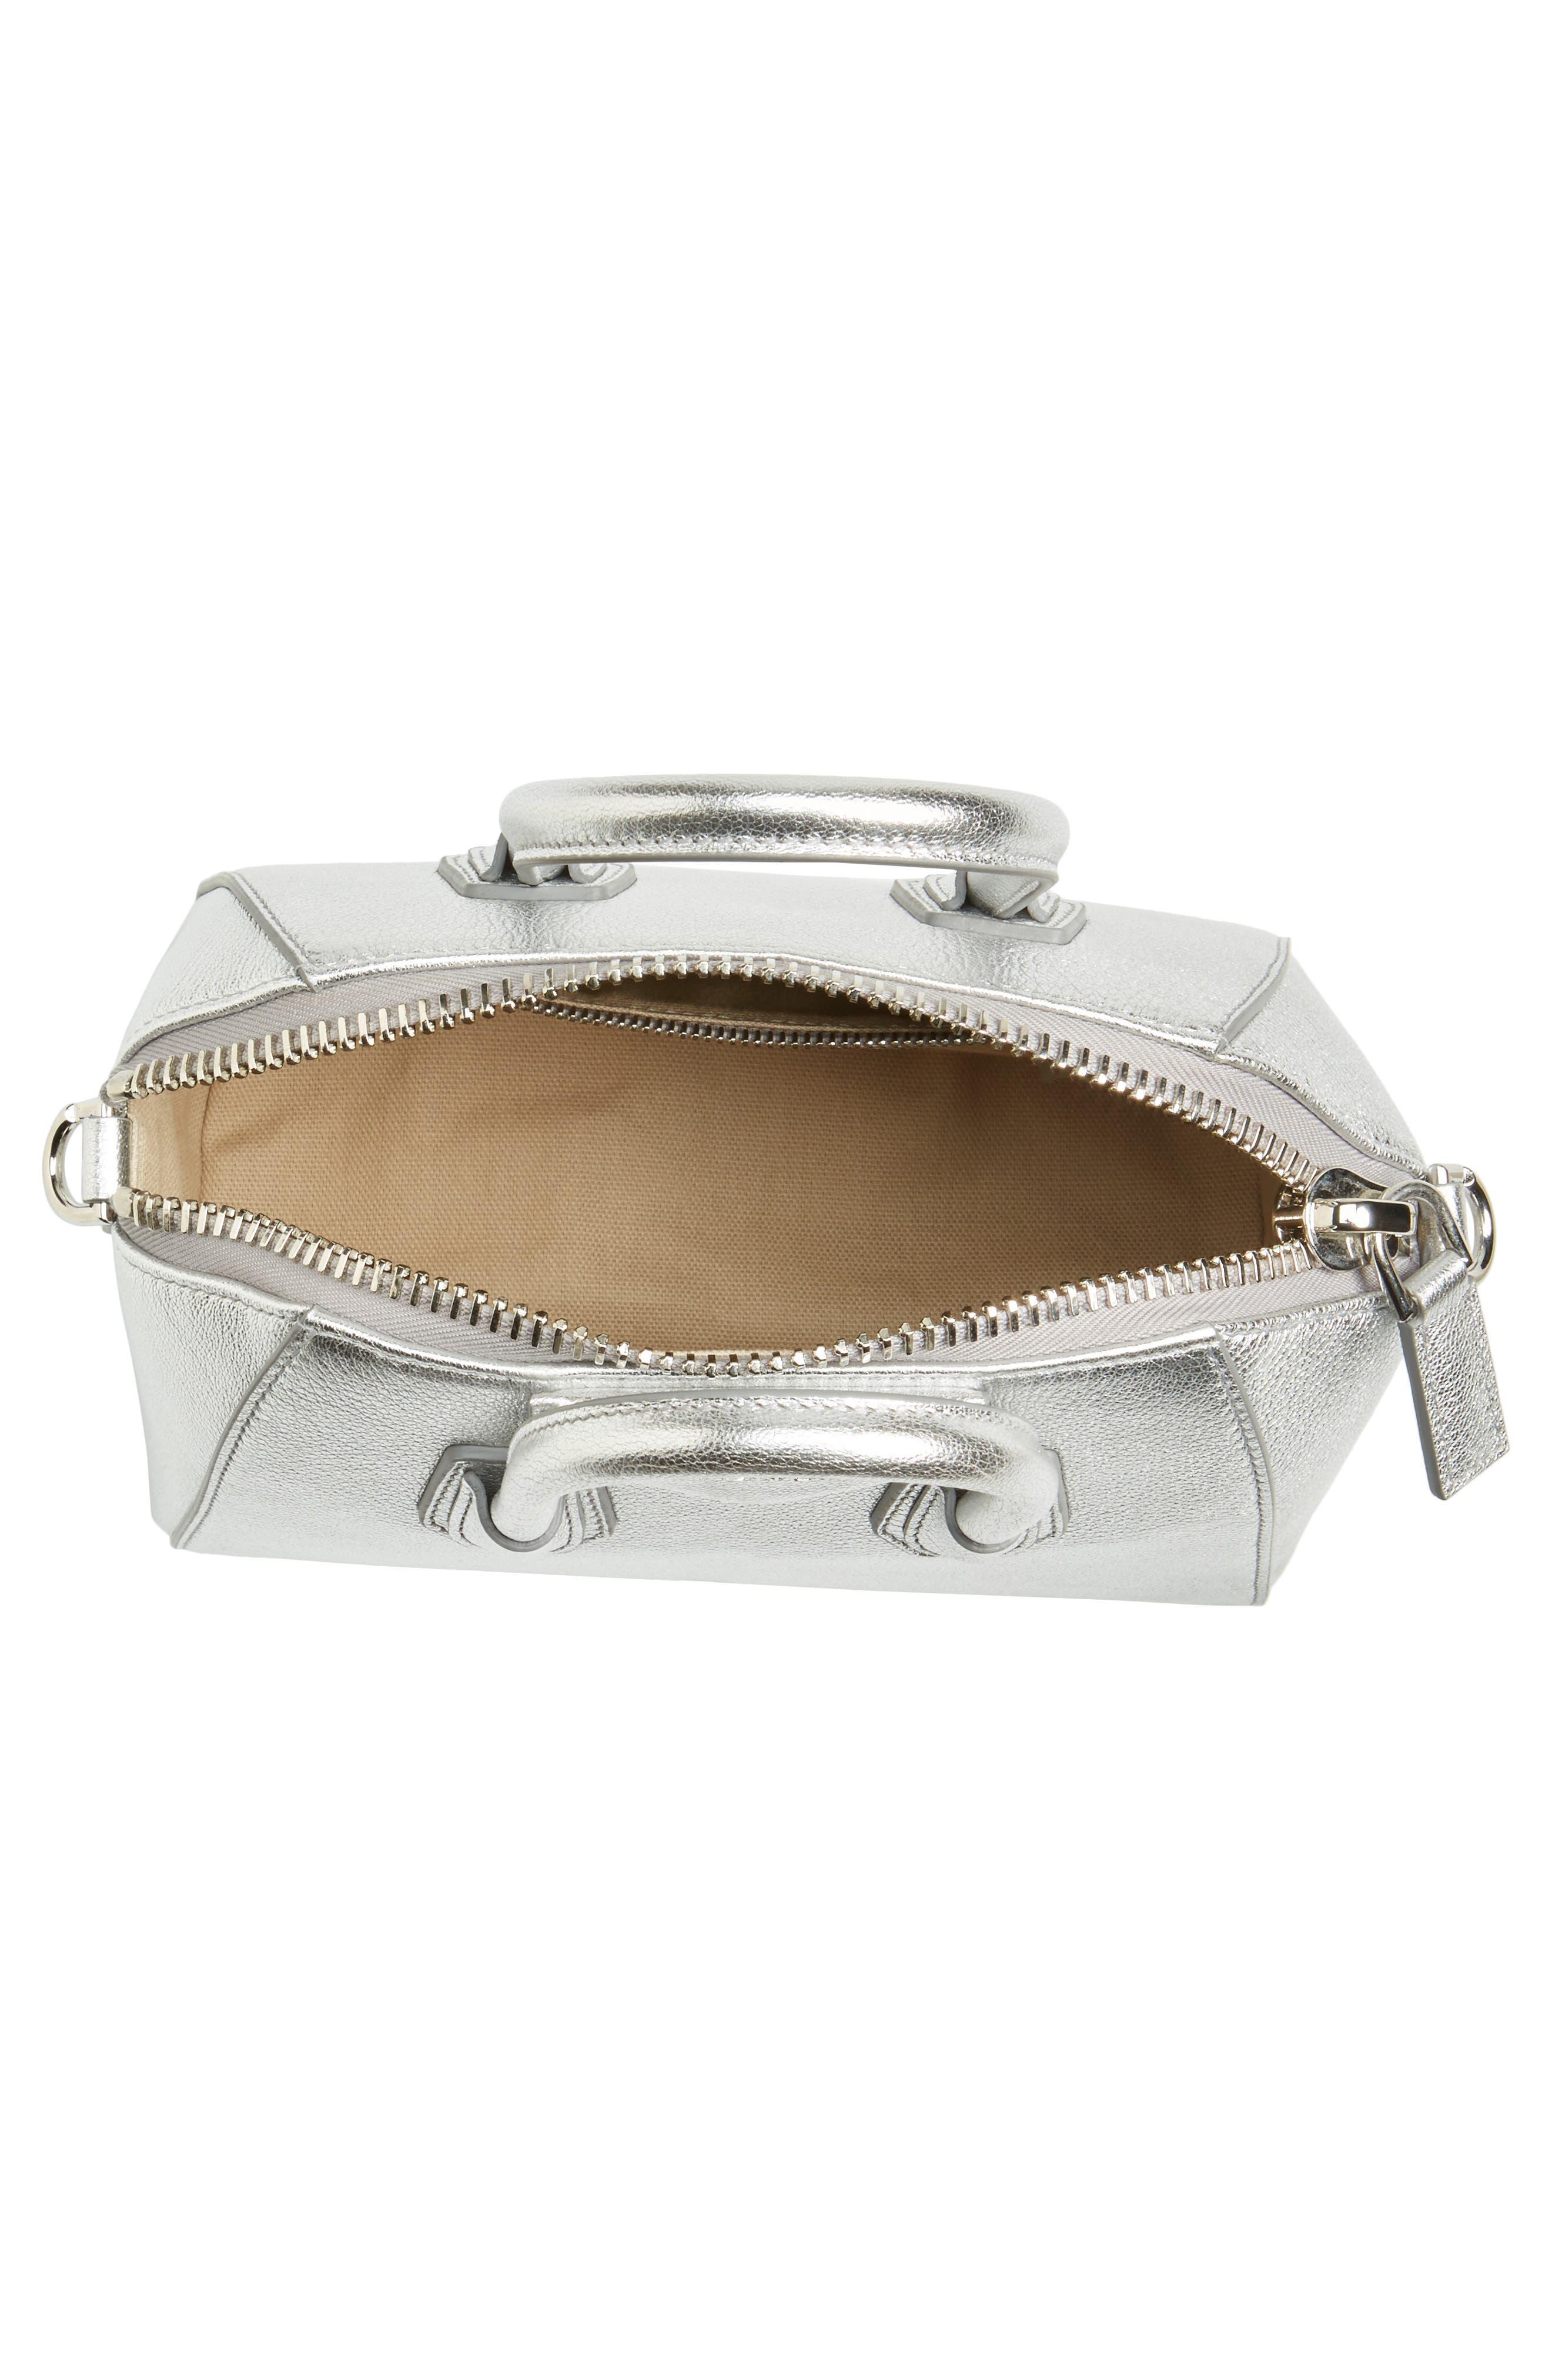 Alternate Image 3  - Givenchy Mini Antigona Metallic Leather Satchel